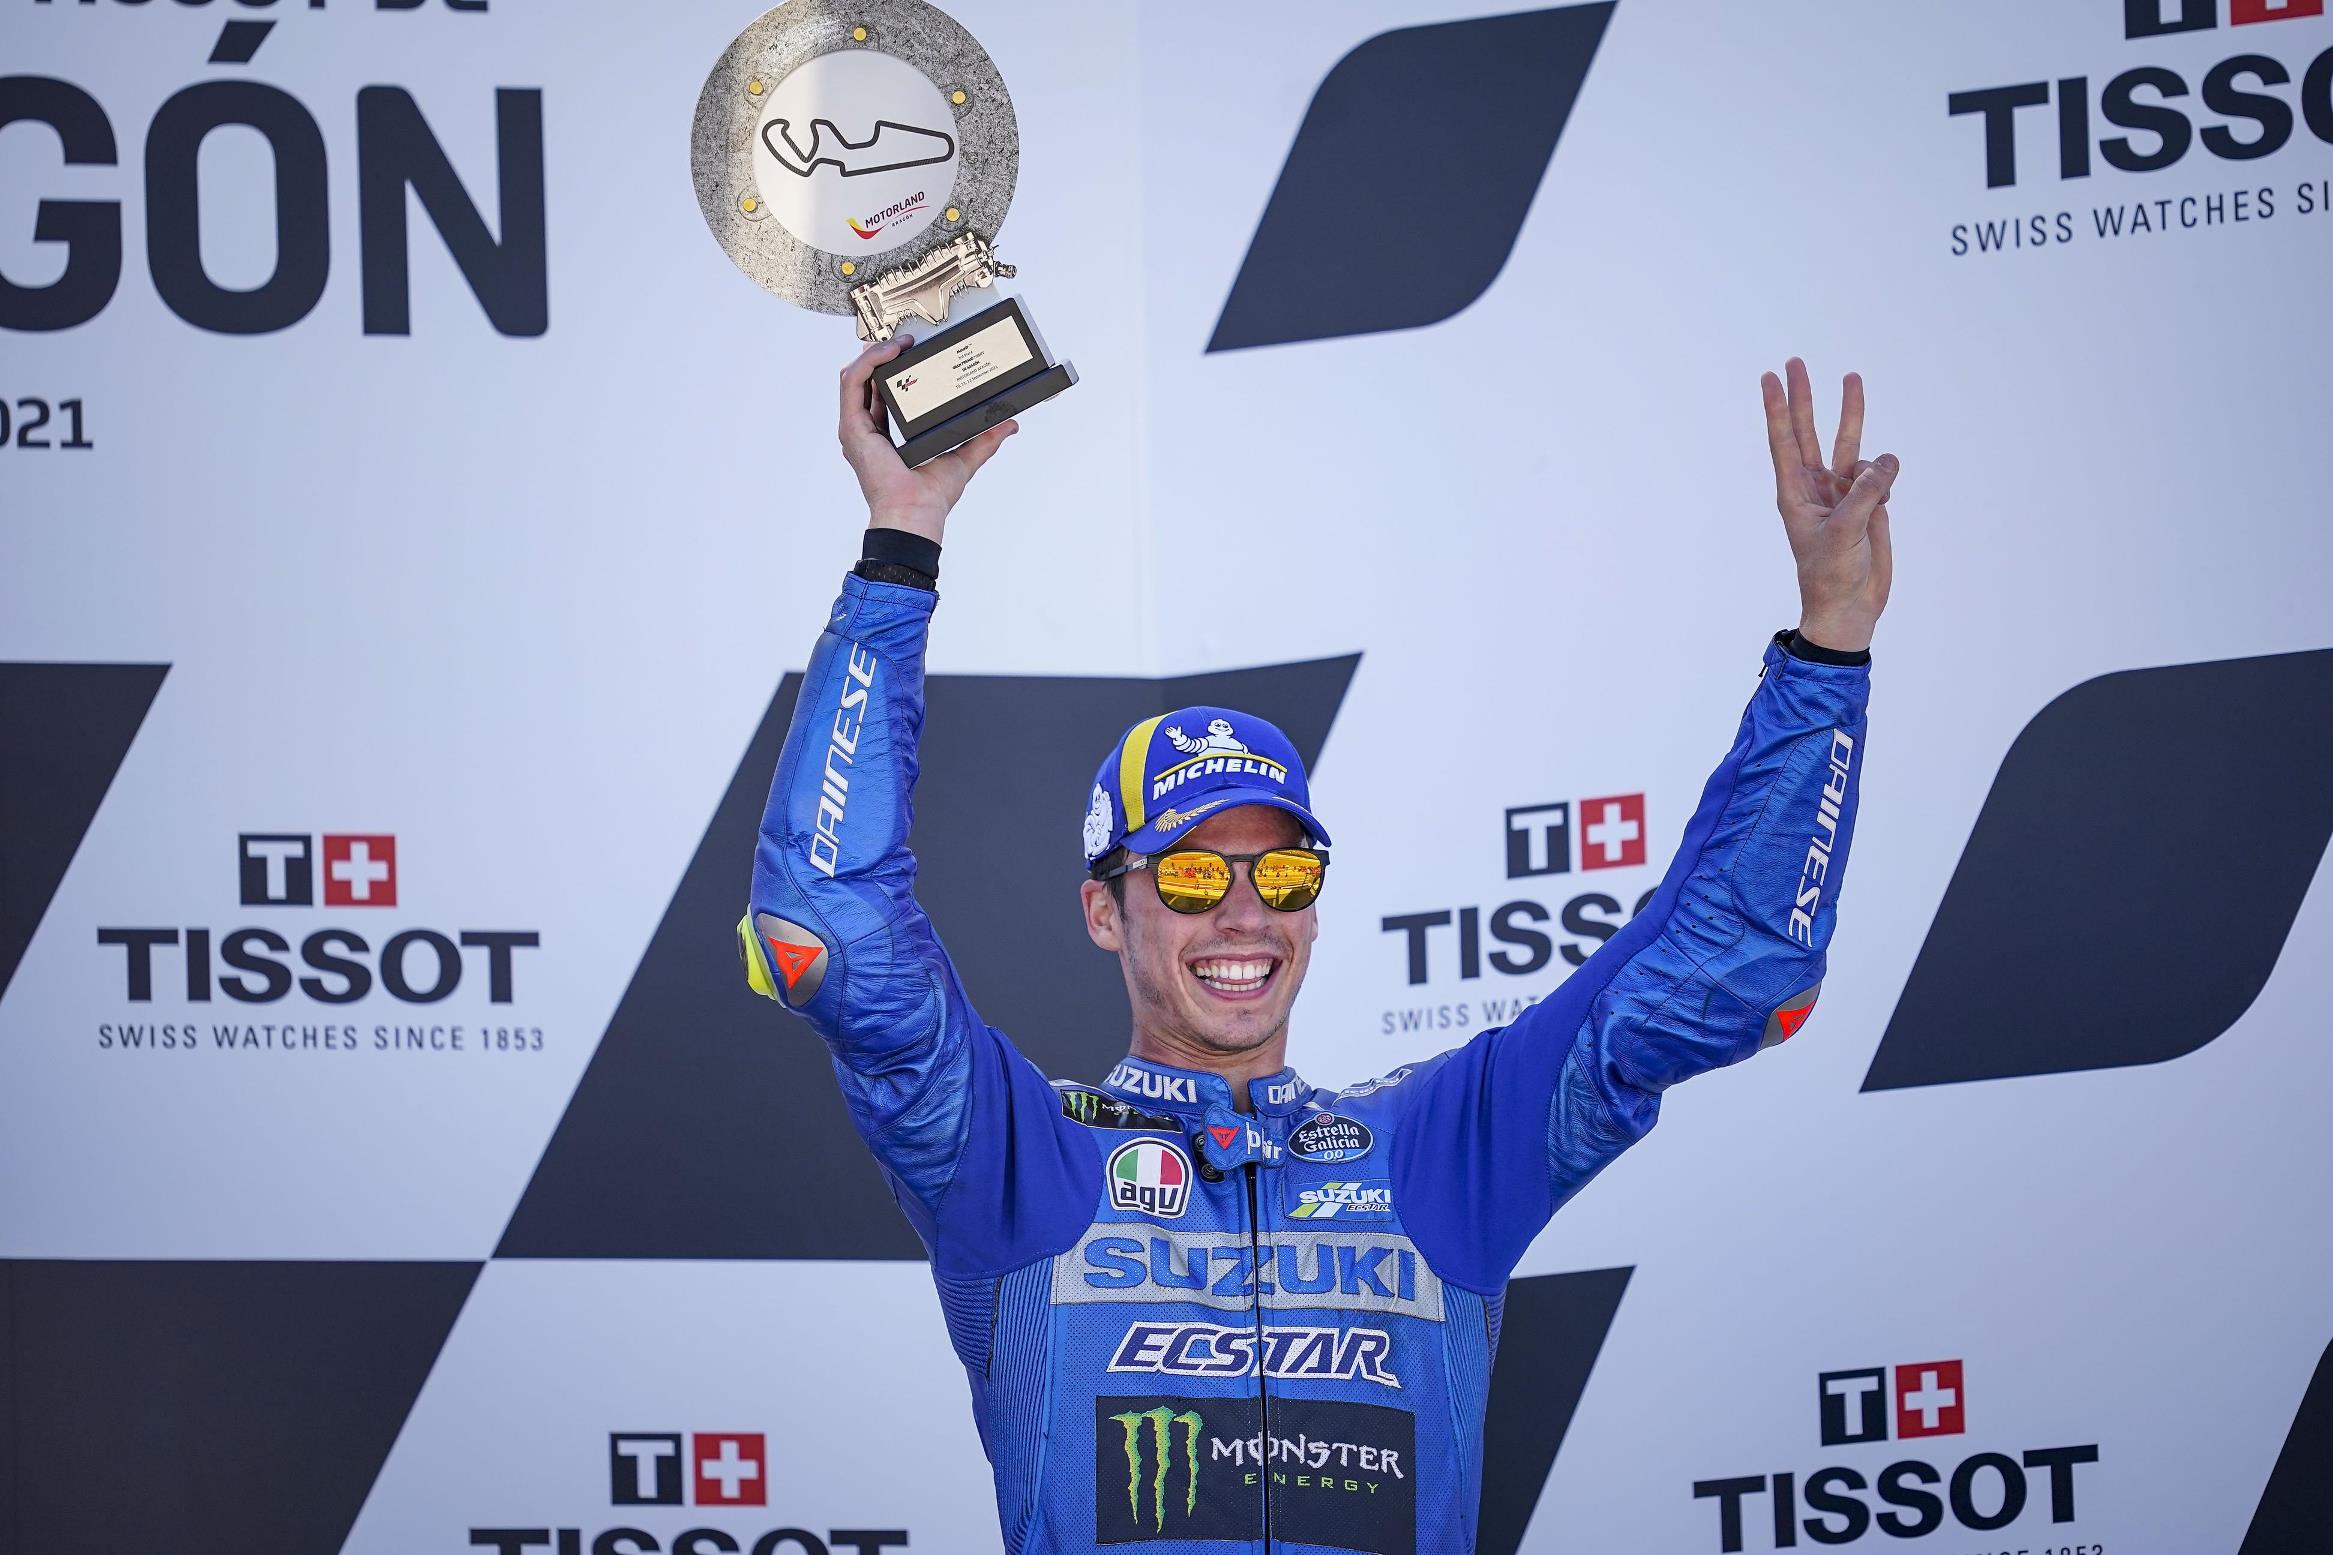 Seri MotoGP 2021 Aragon, (12/9/2021) berlangsung mendebarkan. Pembalap Suzuki Ecstar, Joan Mir podium di Aragon,